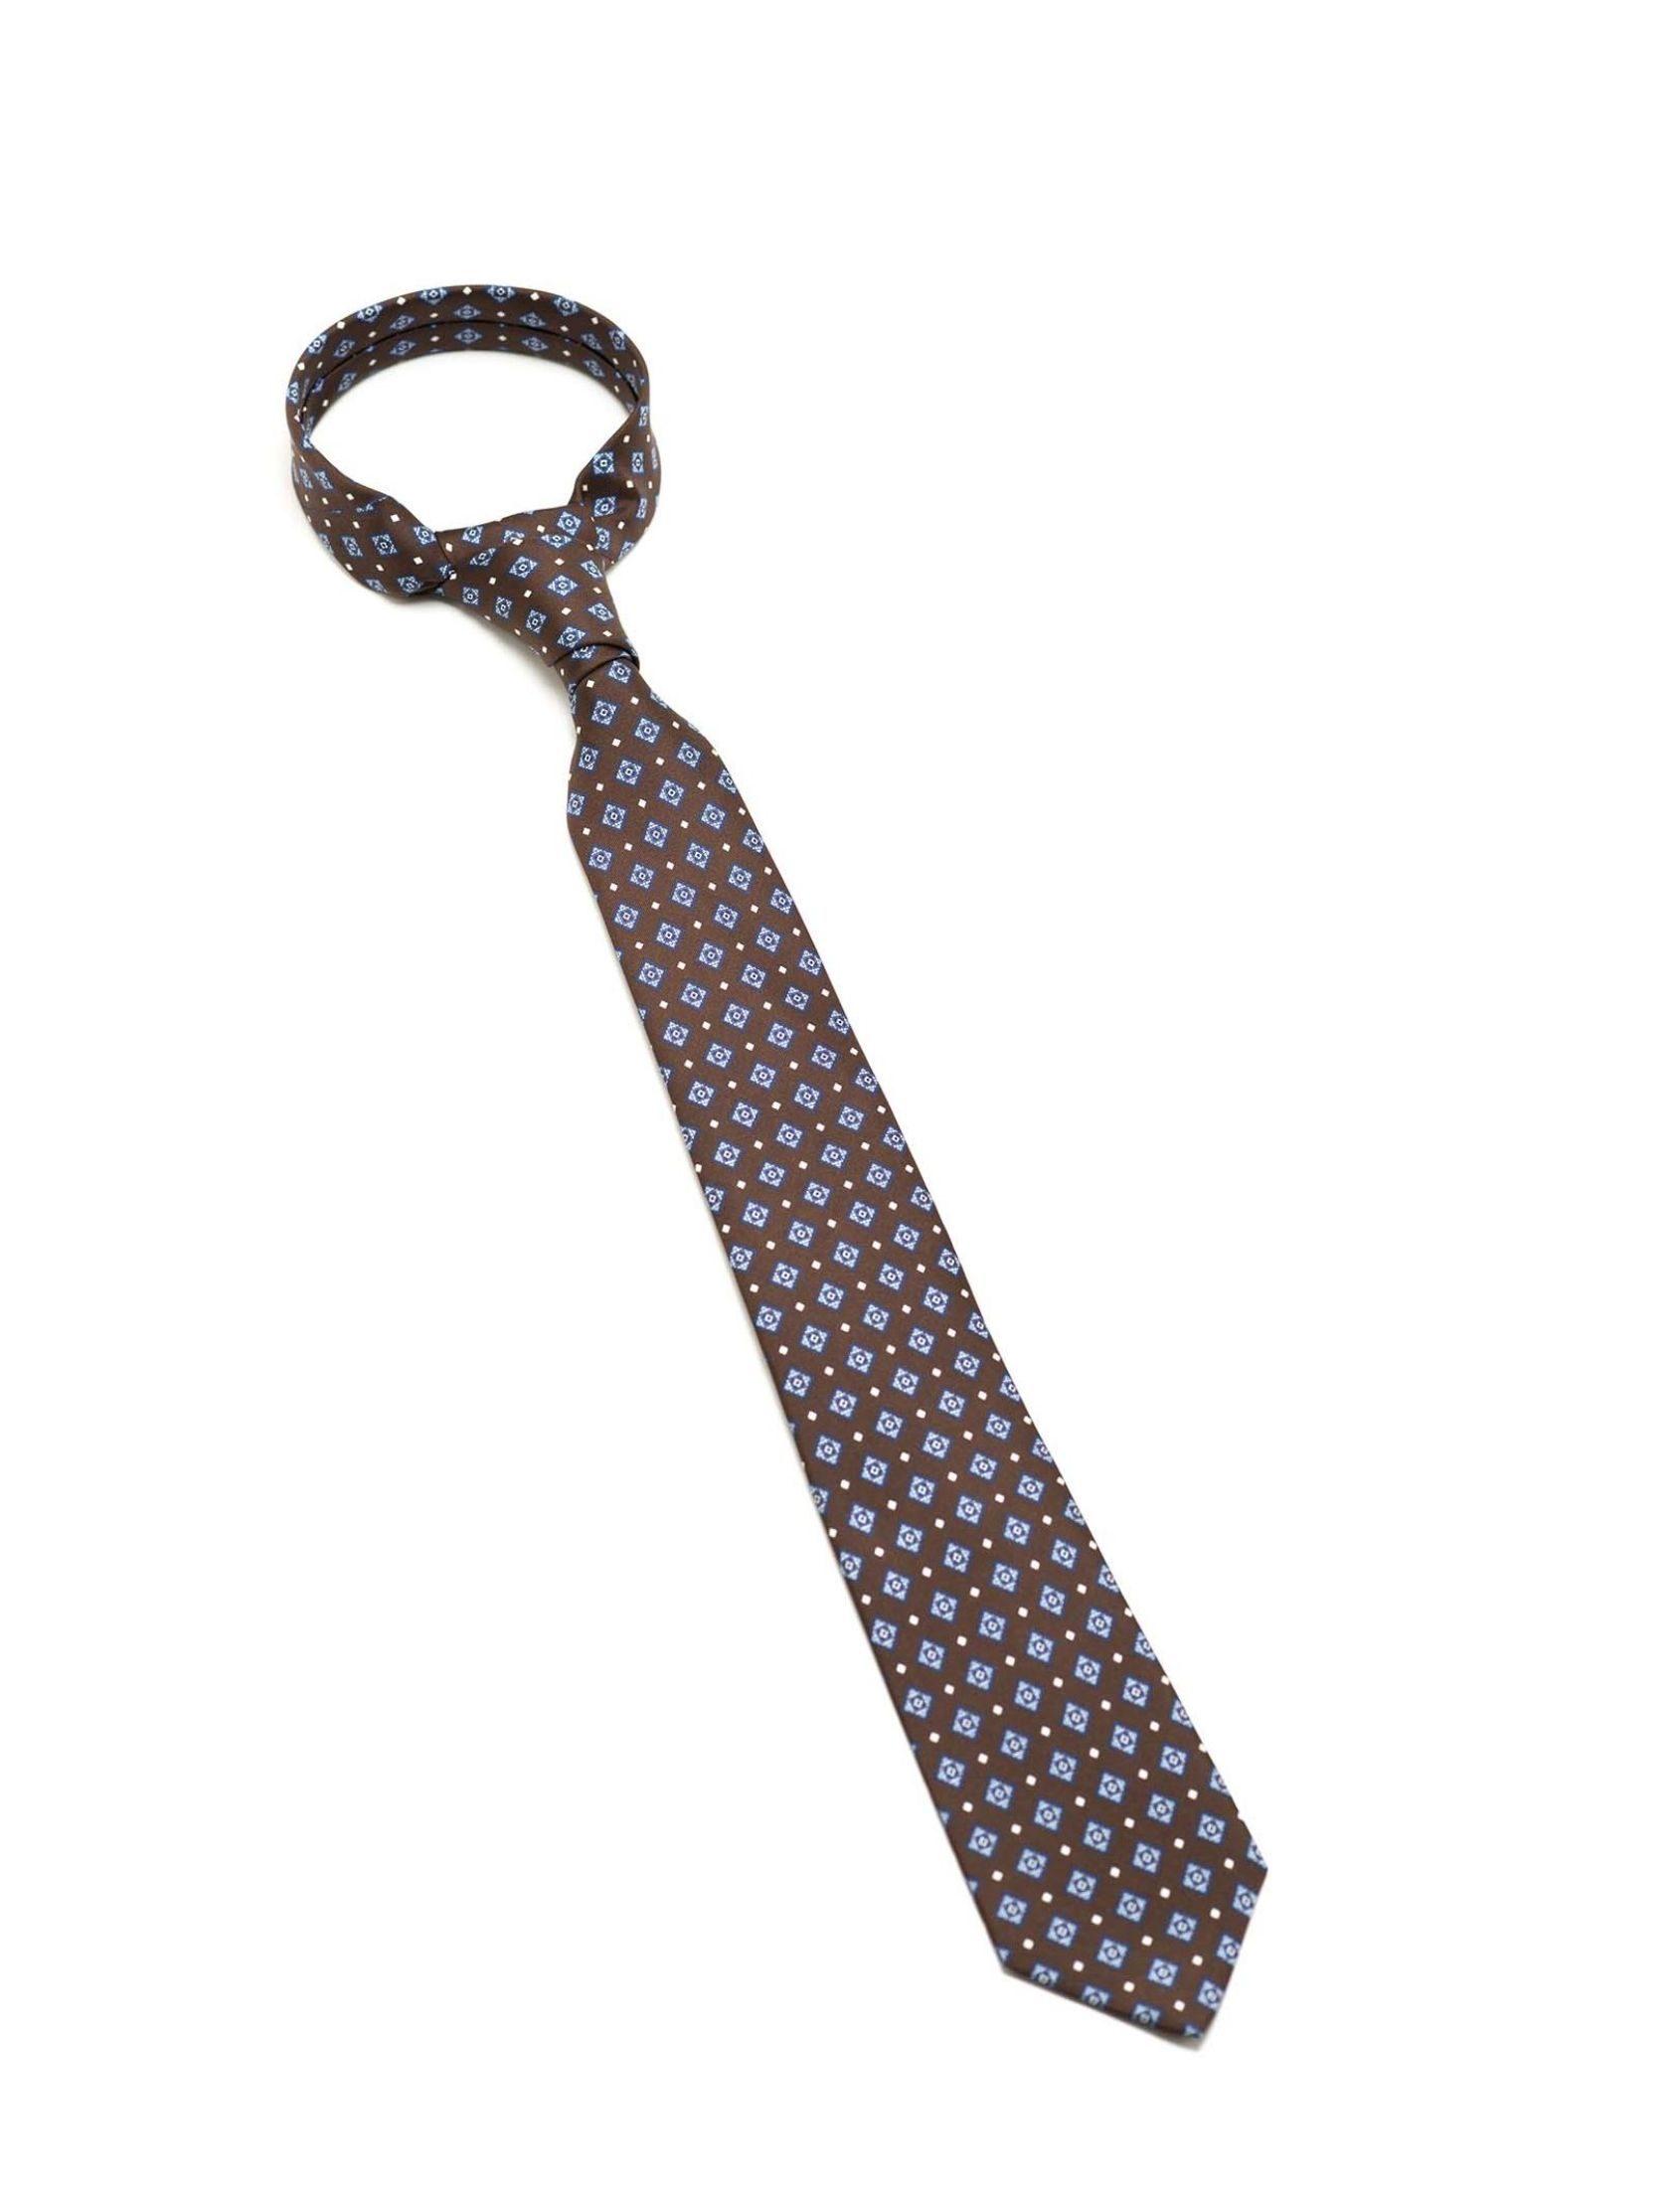 Corbata hombre en tono marrón con estampado mini geométrico en tonos azul y blanco